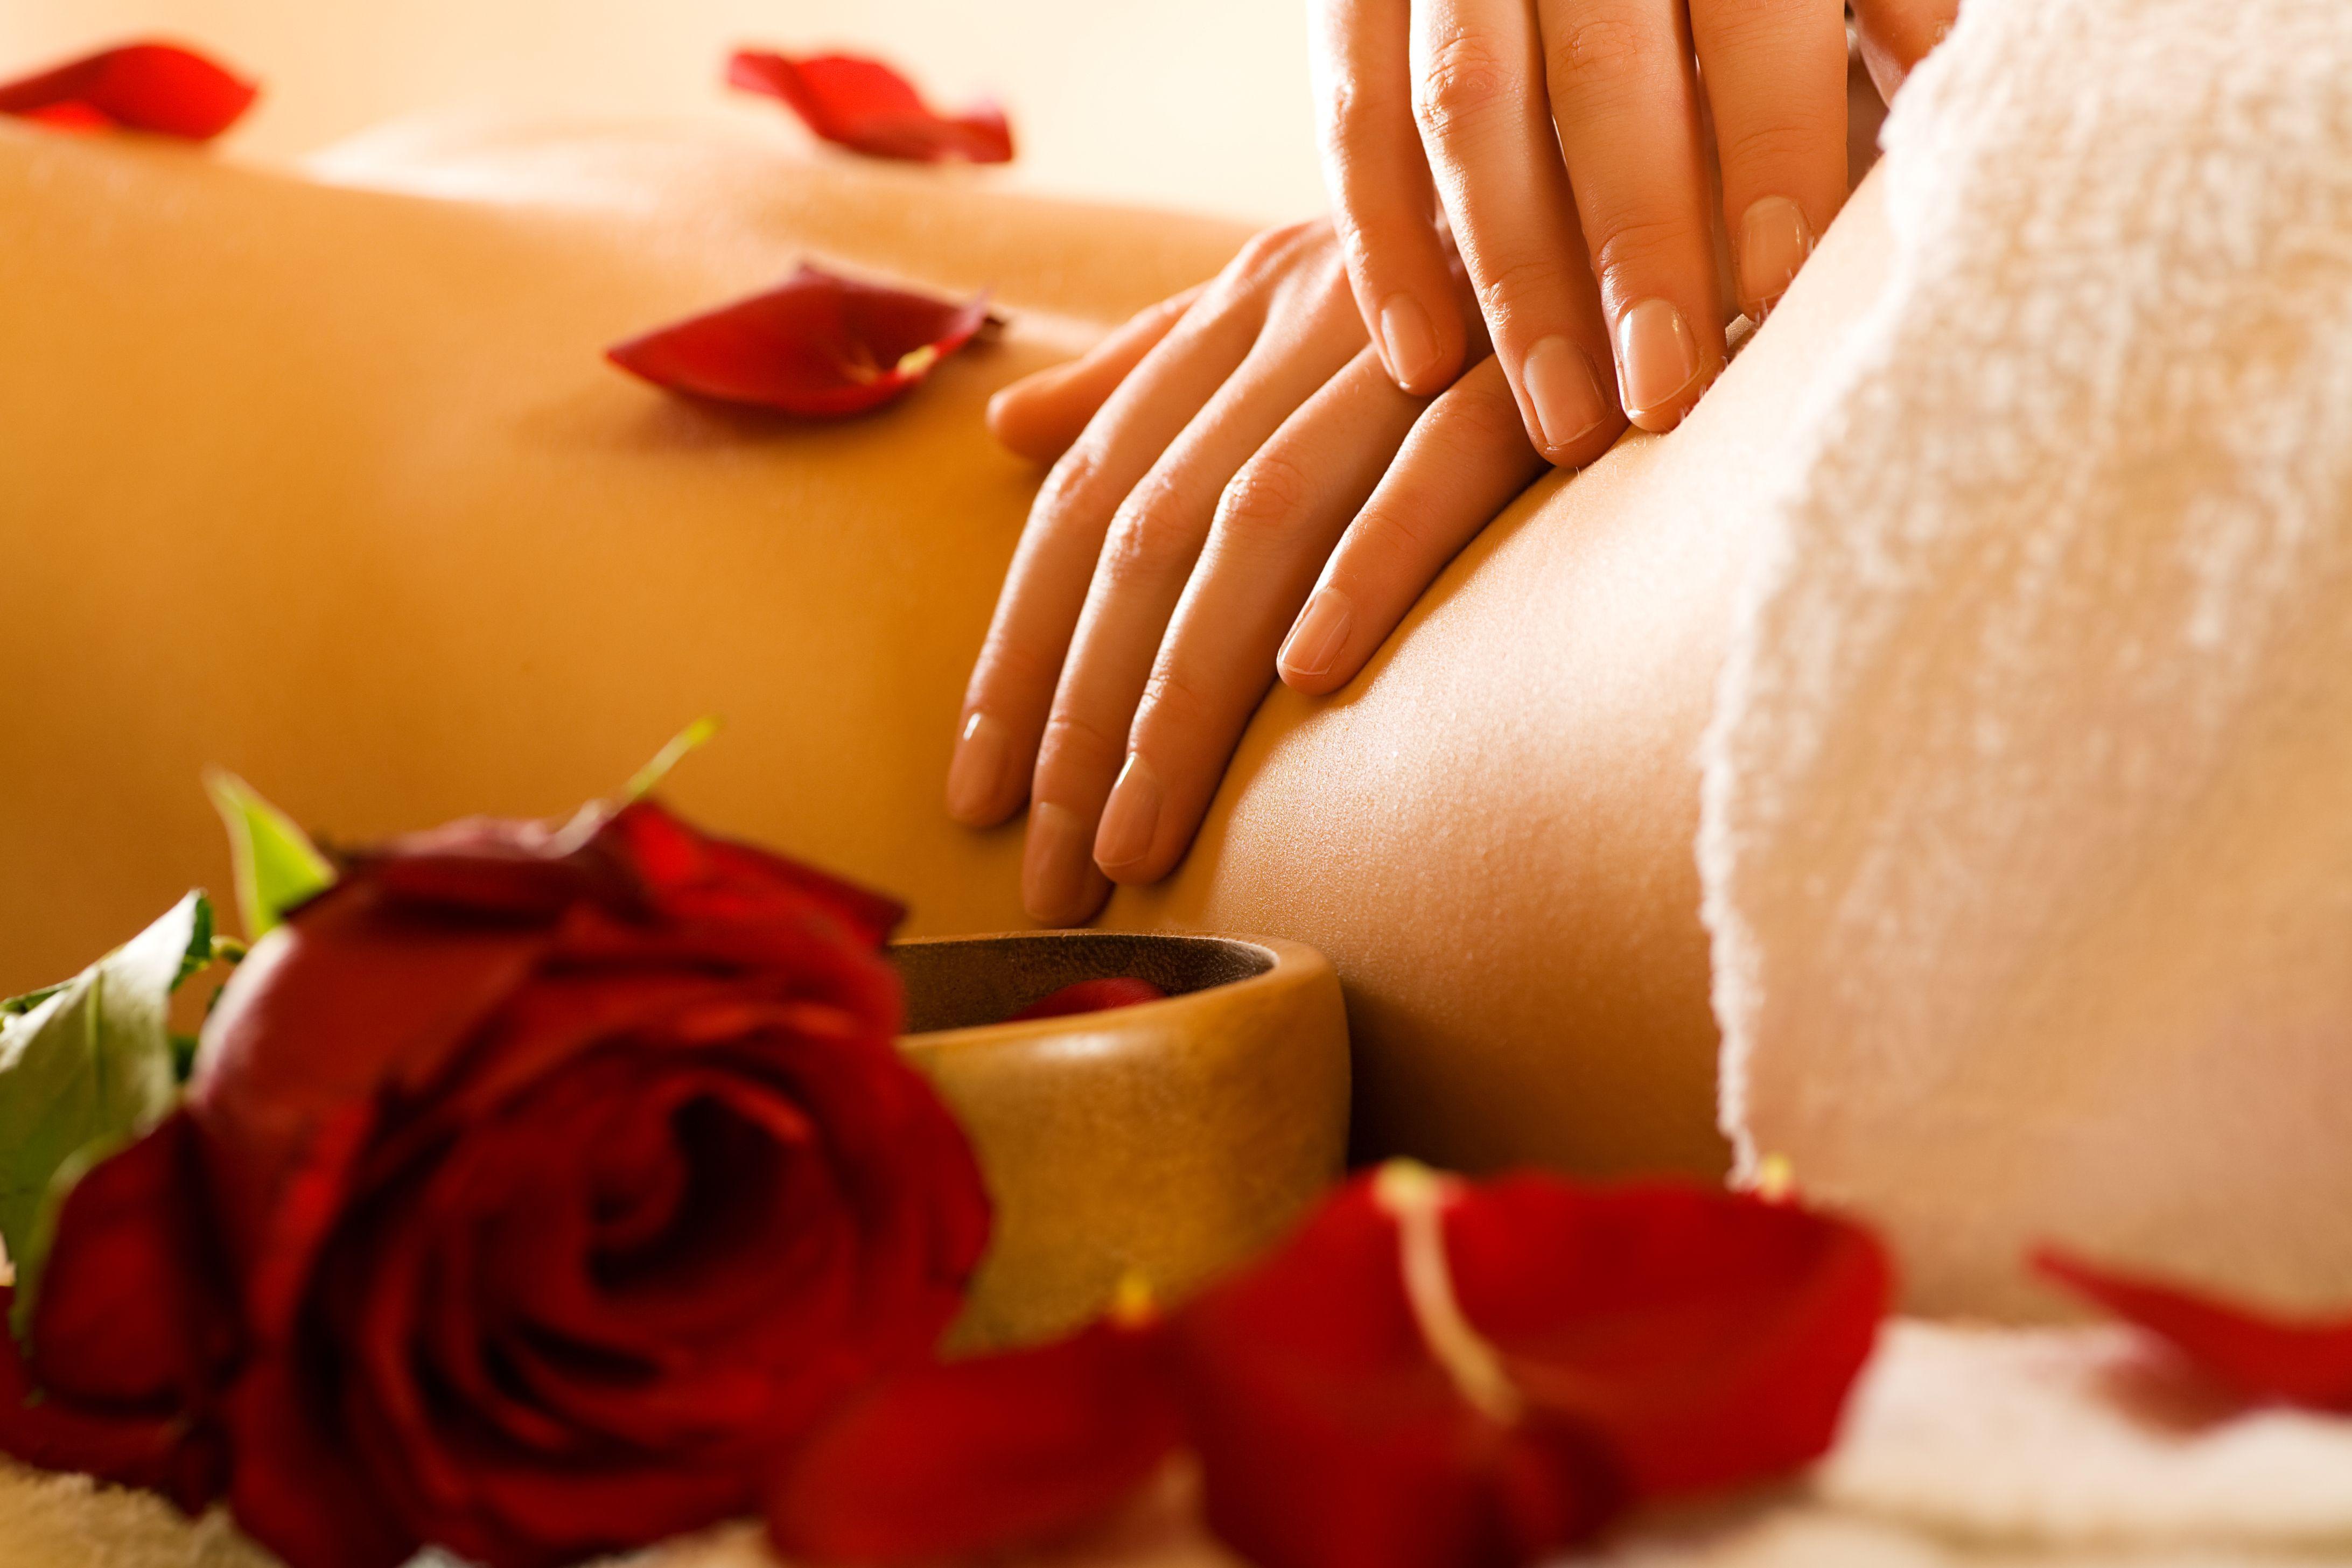 Centro de masajes eróticos Bilbao